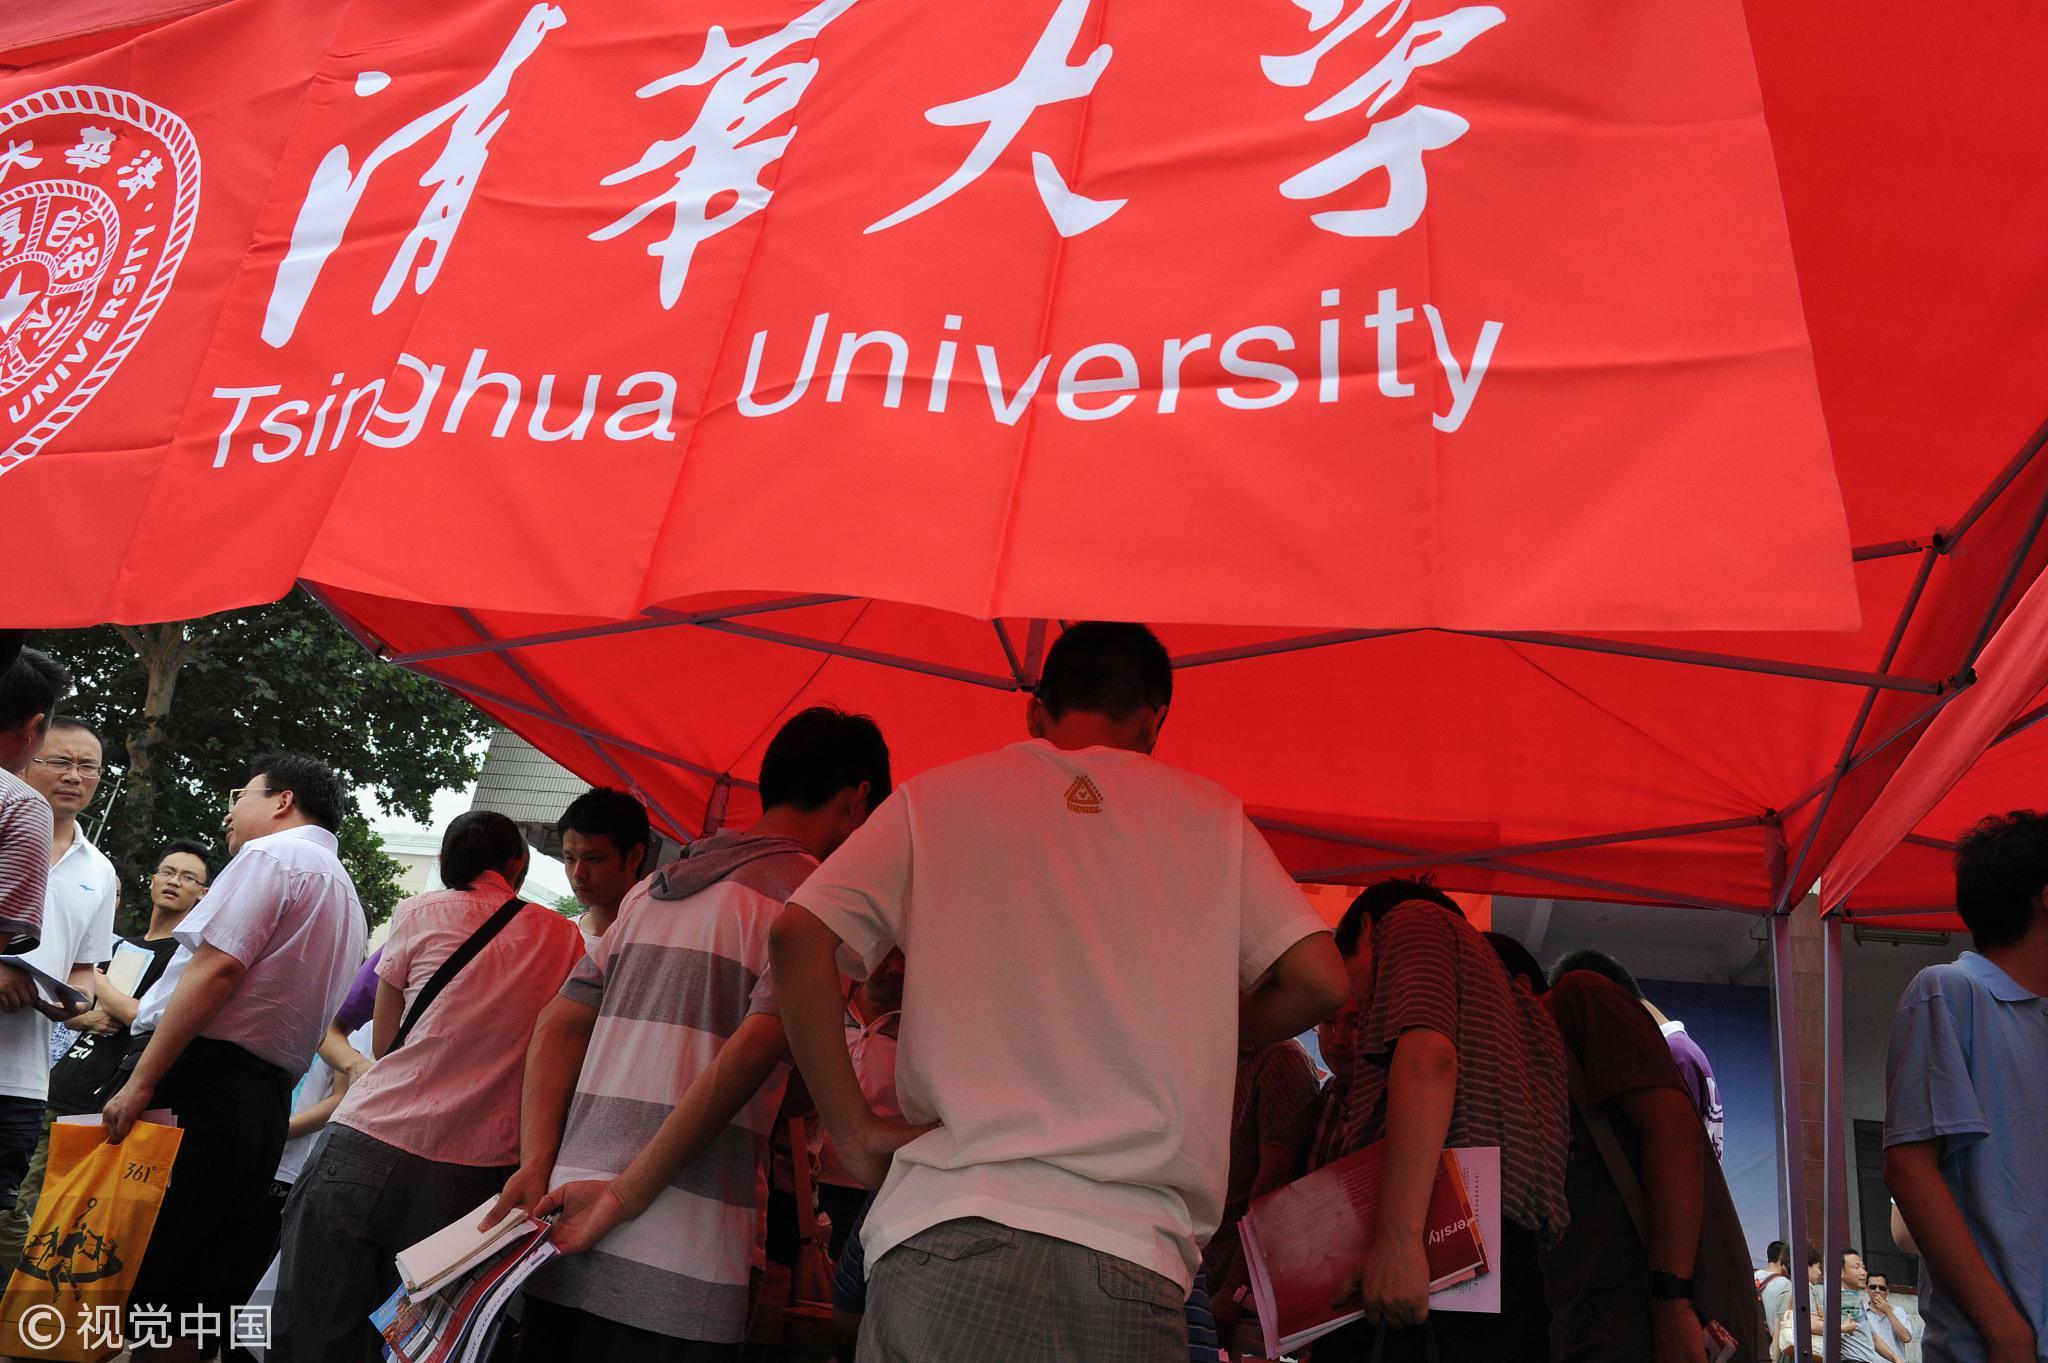 2012年6月25日,河南省高招现场咨询会河南农大举行,清华大学咨询台前围满了高分考生 / 视觉中国